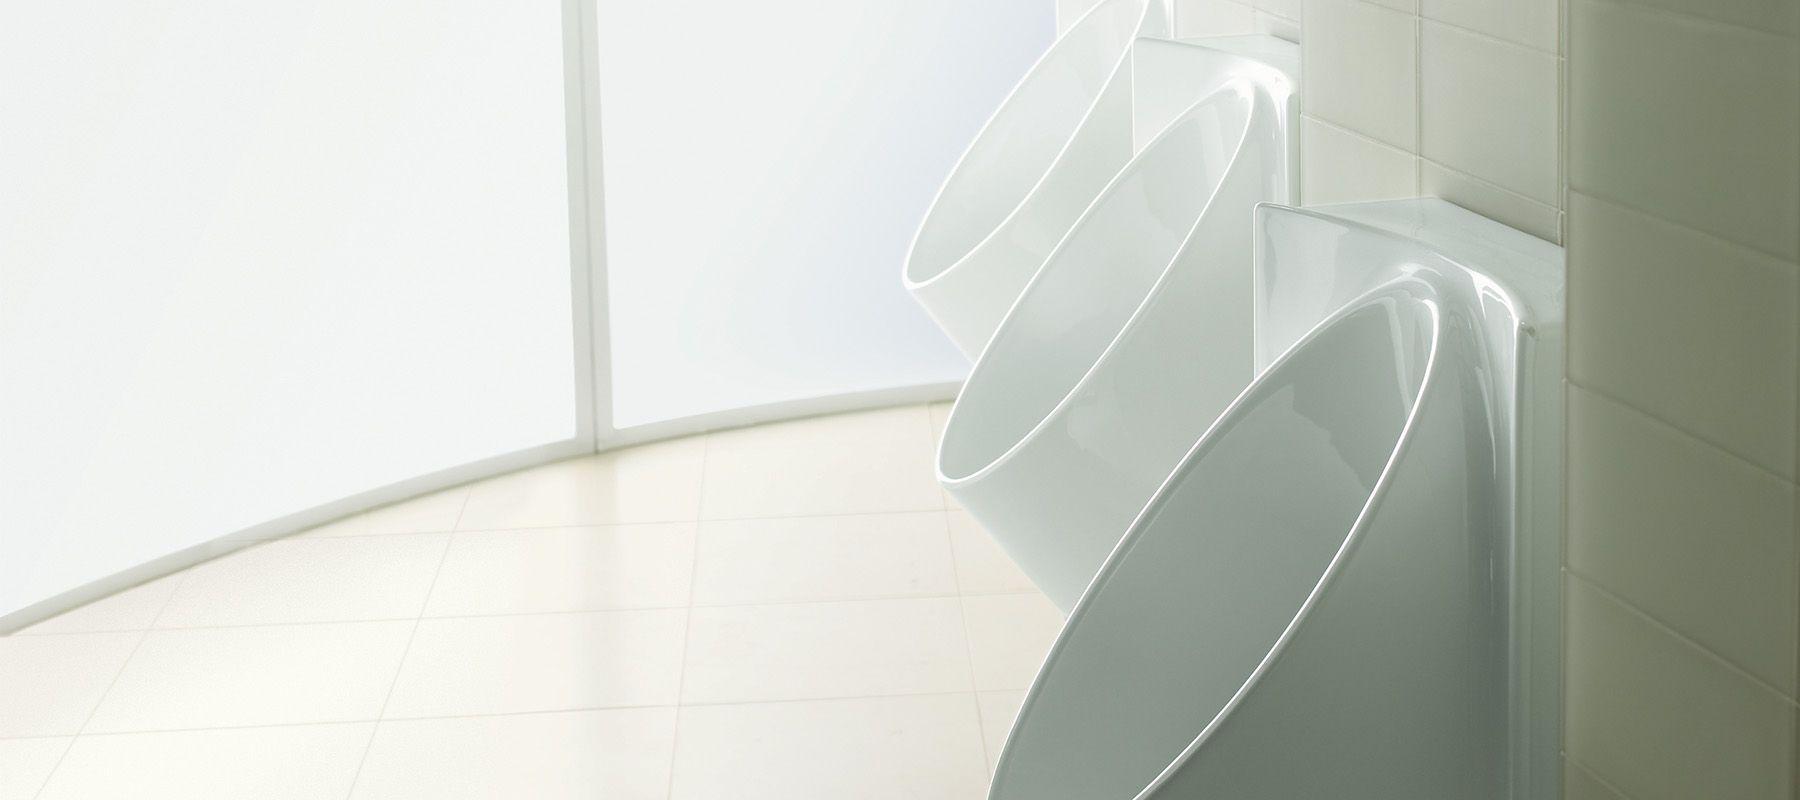 Standard Urinals   Urinals   Commercial Bathroom   Bathroom   KOHLER